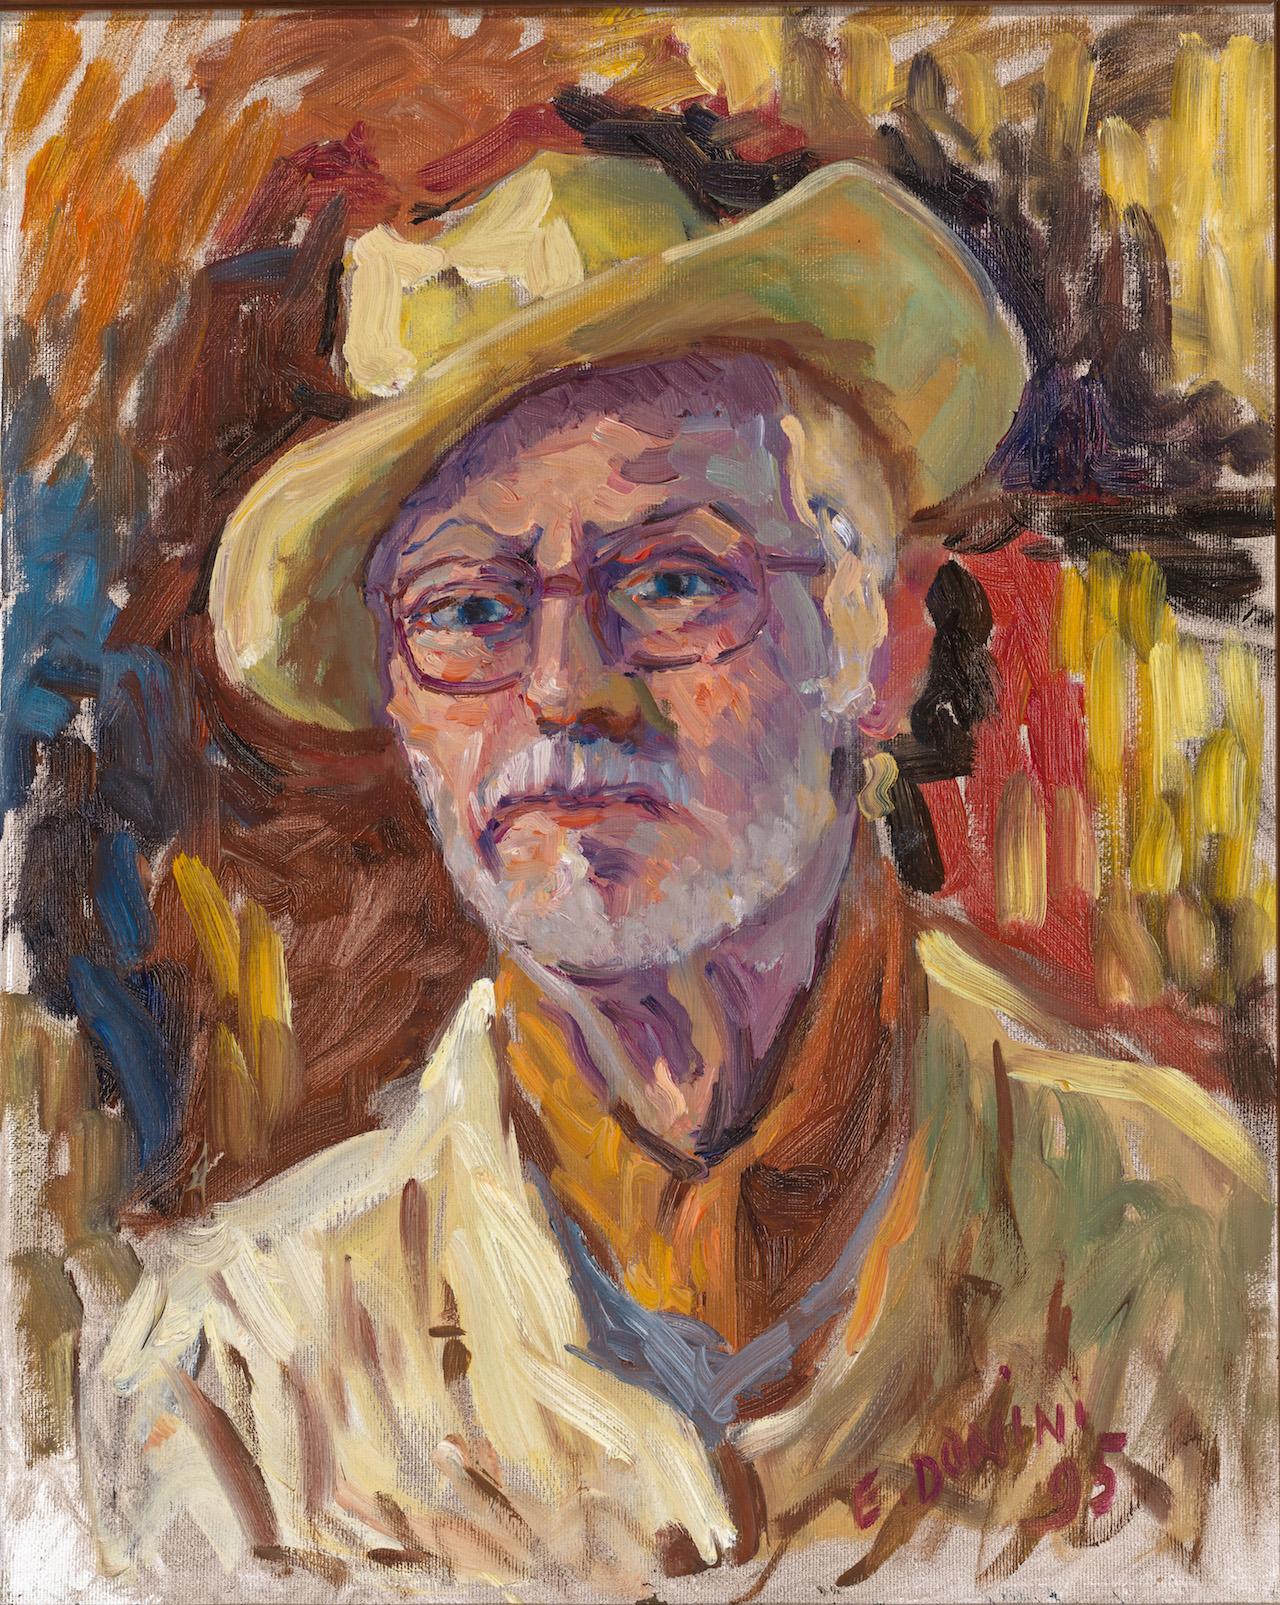 Autoritratto, 1995, olio su tela, 50x40 cm